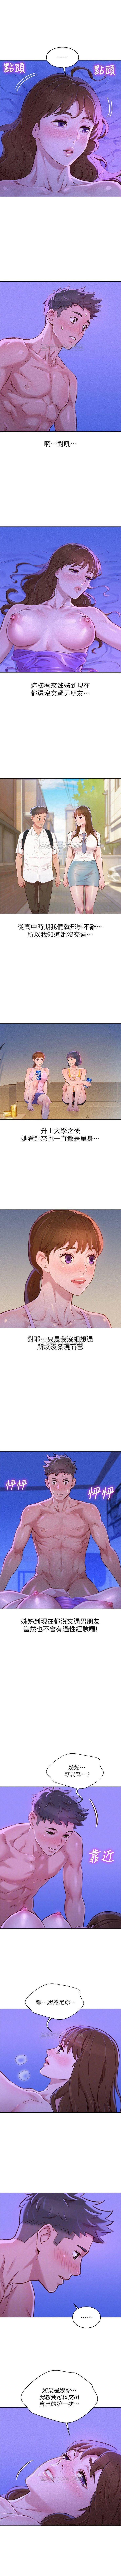 (周7)漂亮干姐姐  1-79 中文翻译 (更新中) 426